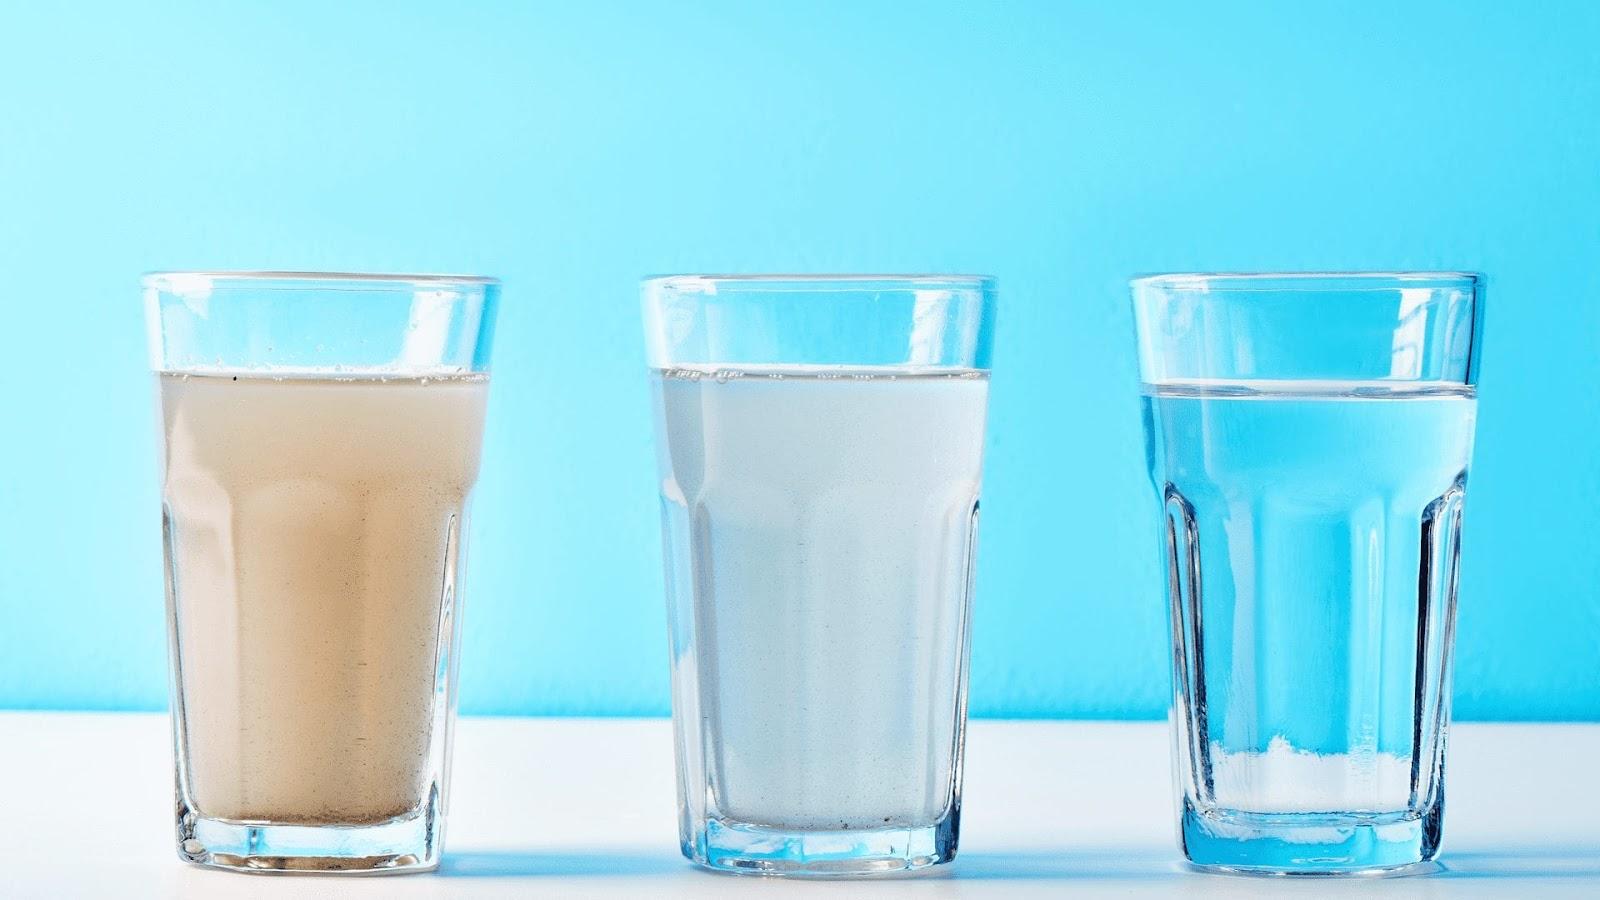 самый эффективный способ очистки воды